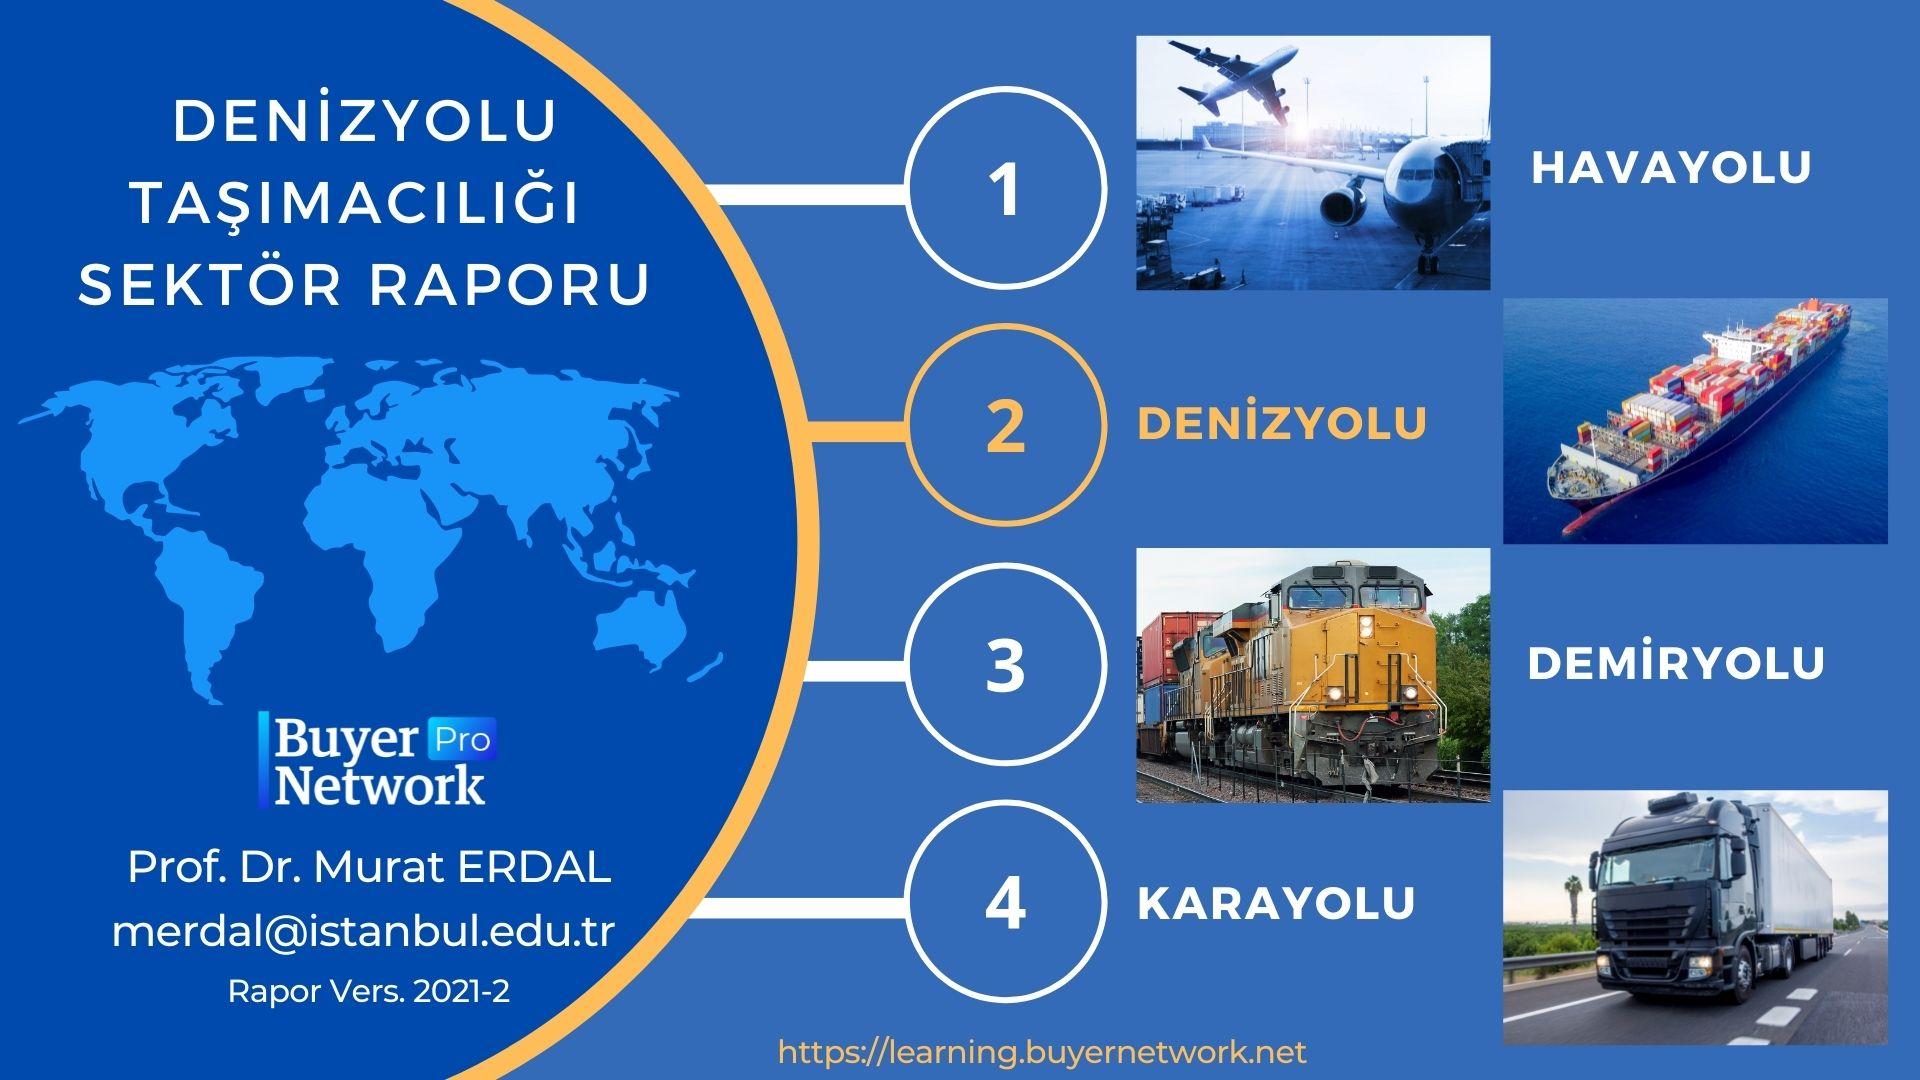 Denizyolu ve Konteyner Taşımacılığı Sektör Raporu